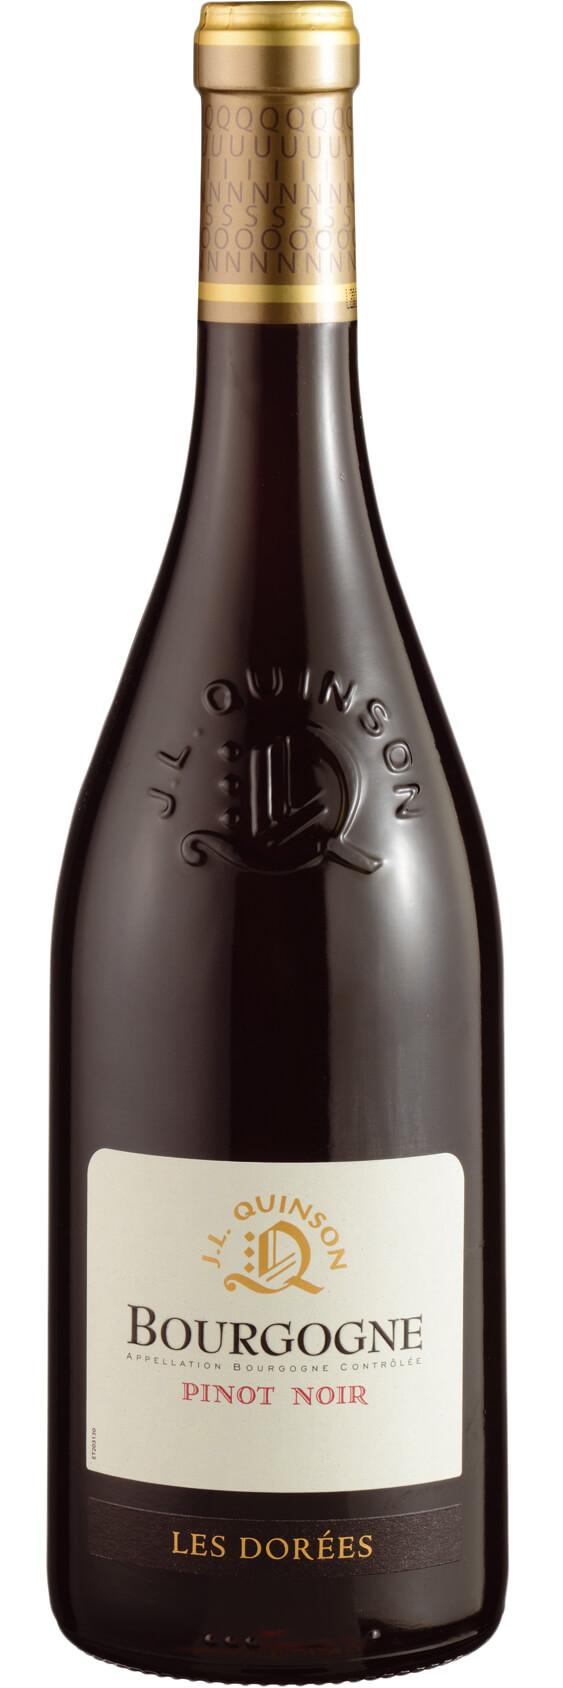 2016 J.L.Quinson Les Dorees Bourgogne Pinot Noir фото